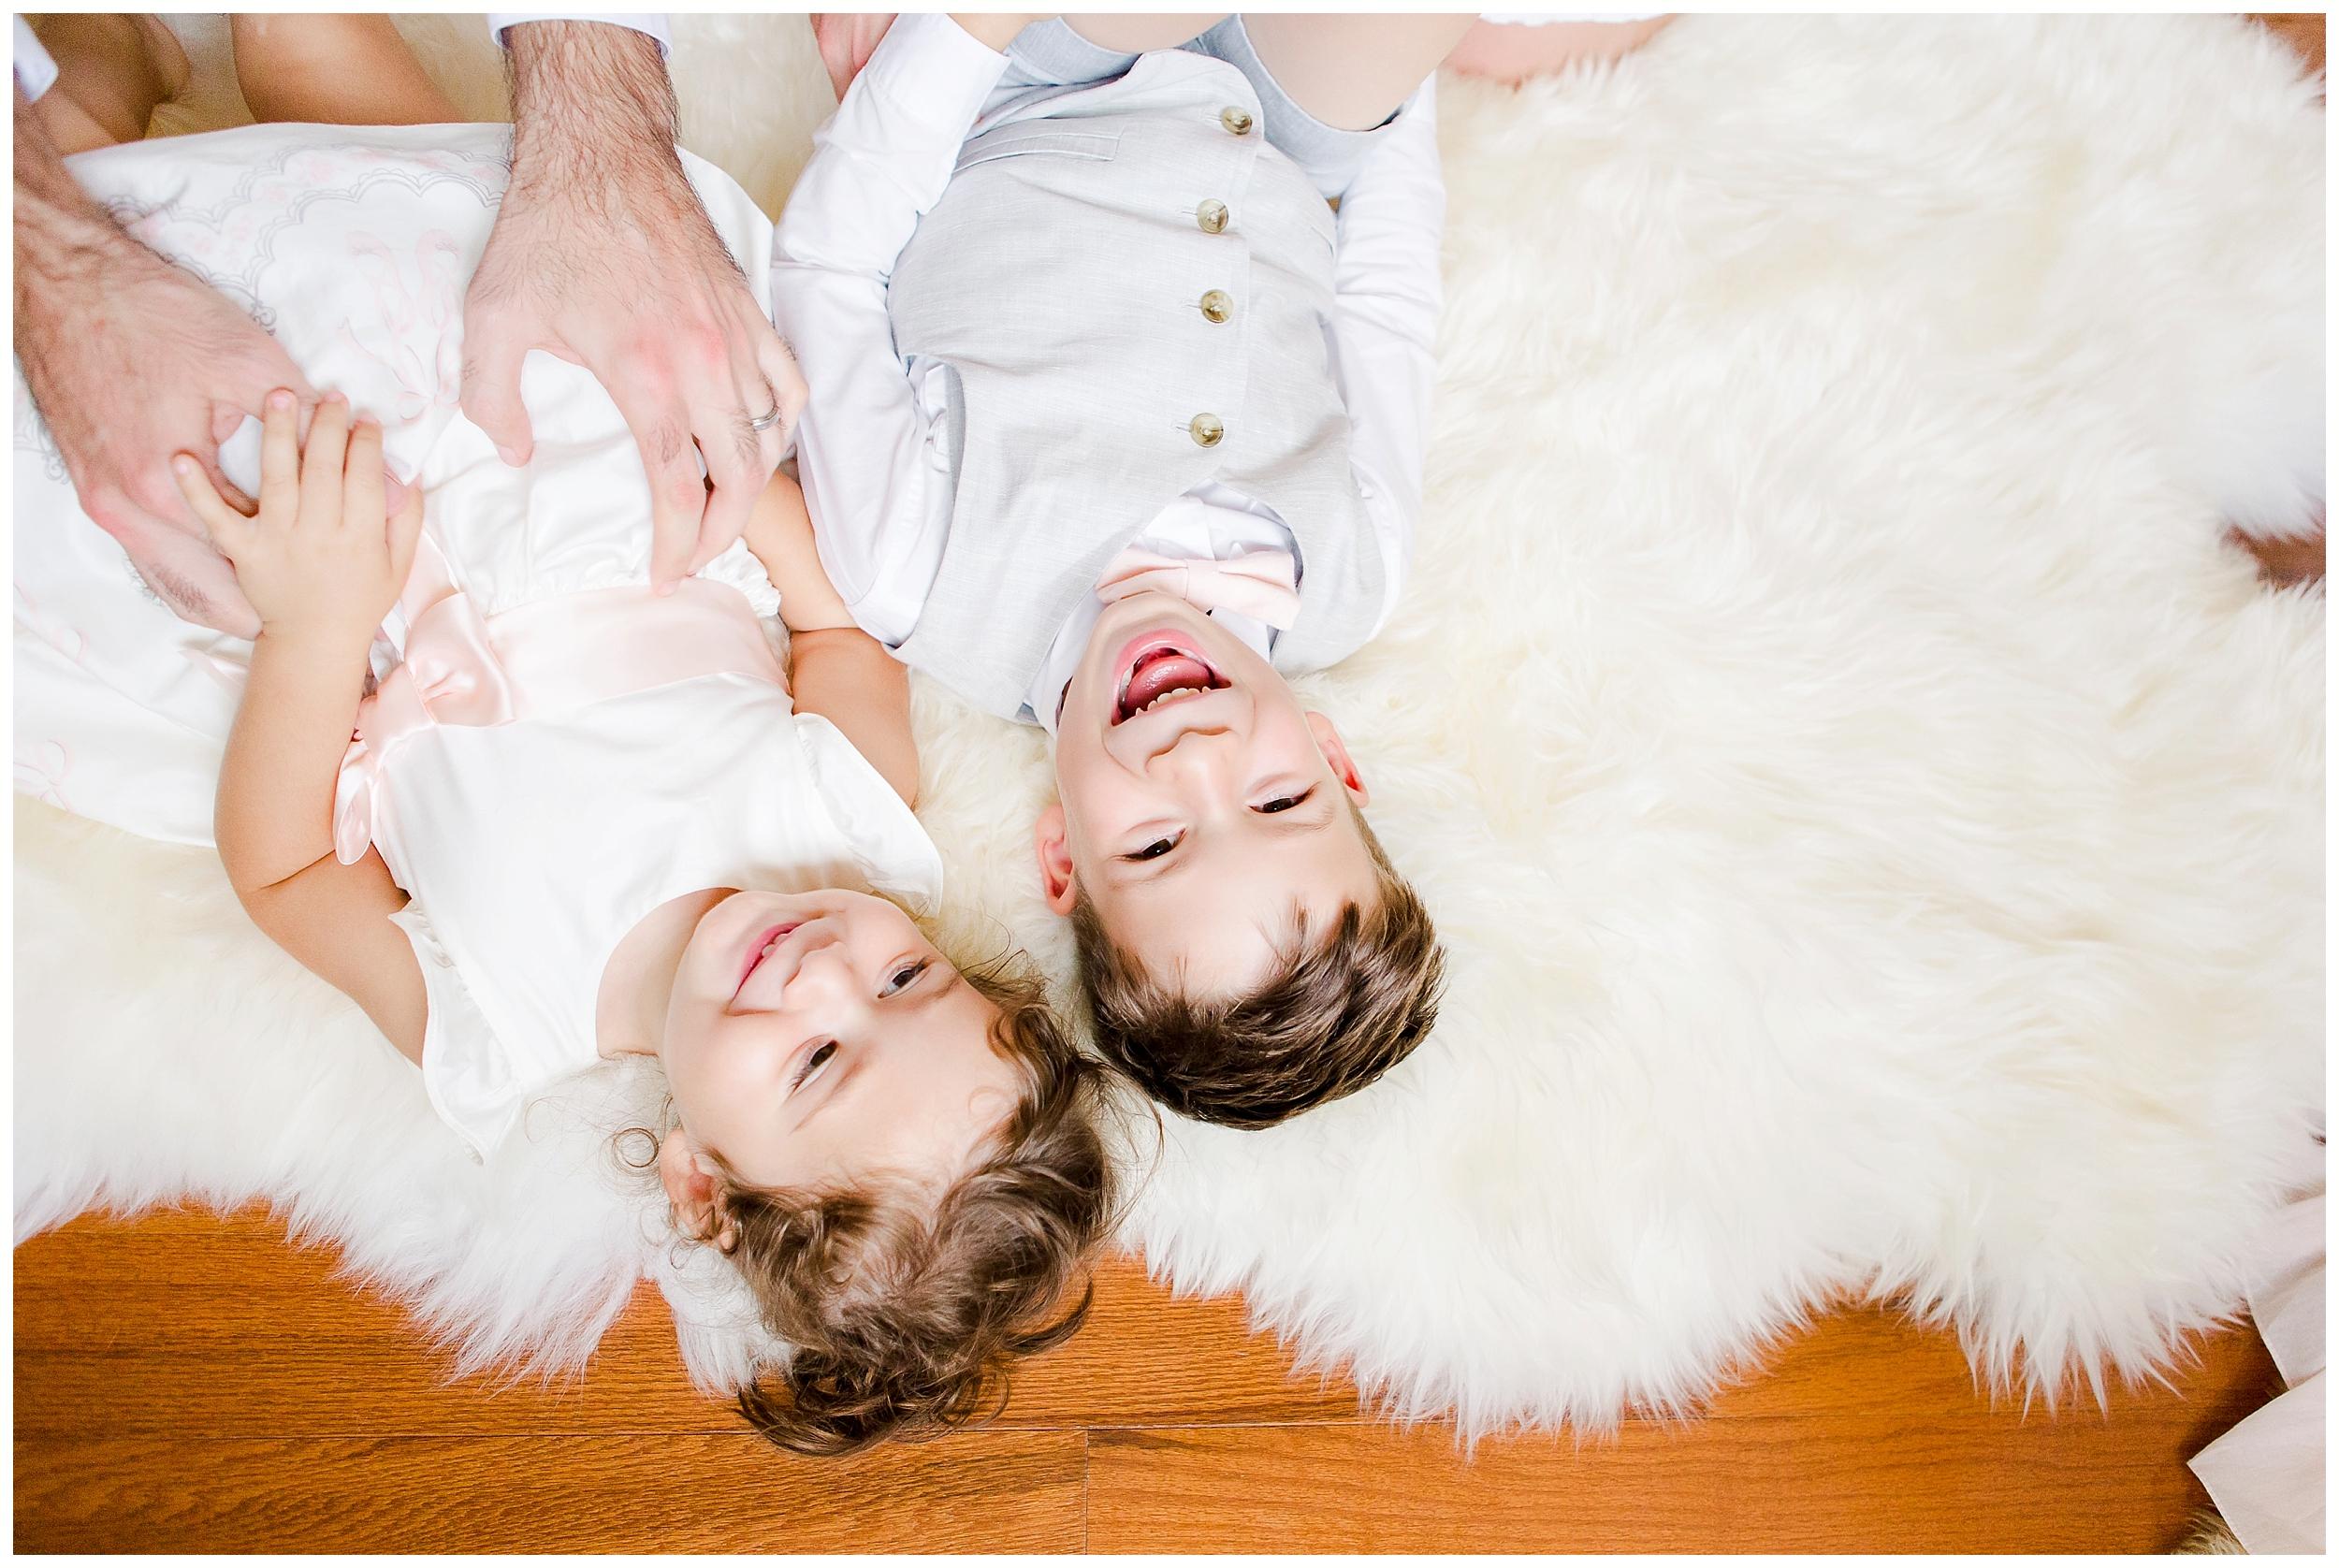 lexington-ky-family-lifestyle-photos-by-priscilla-baierlein_0389.jpg